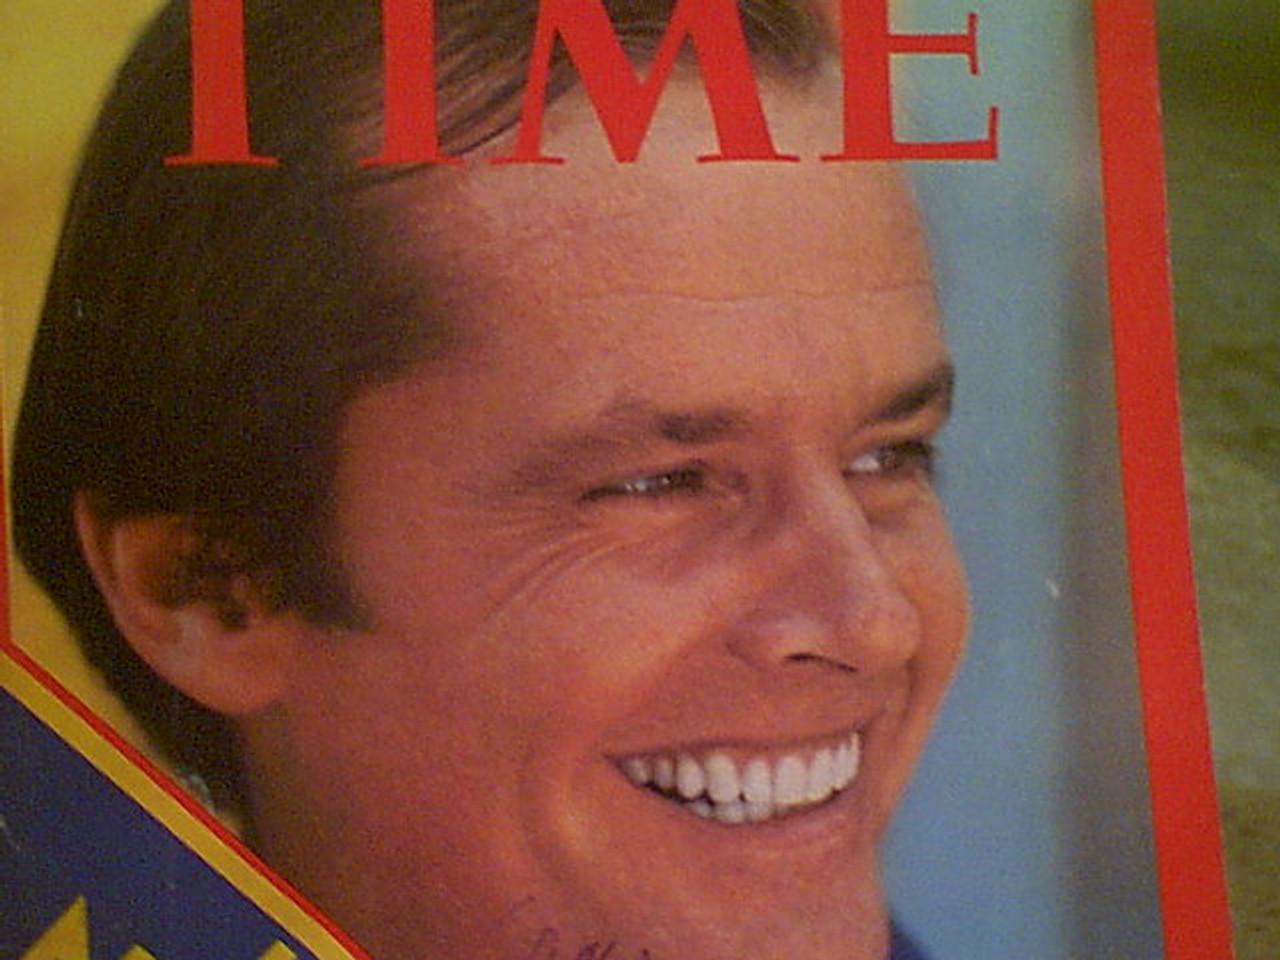 Nicholson, Jack Time Magazine 1974 Signed Autograph Color Cover Photo